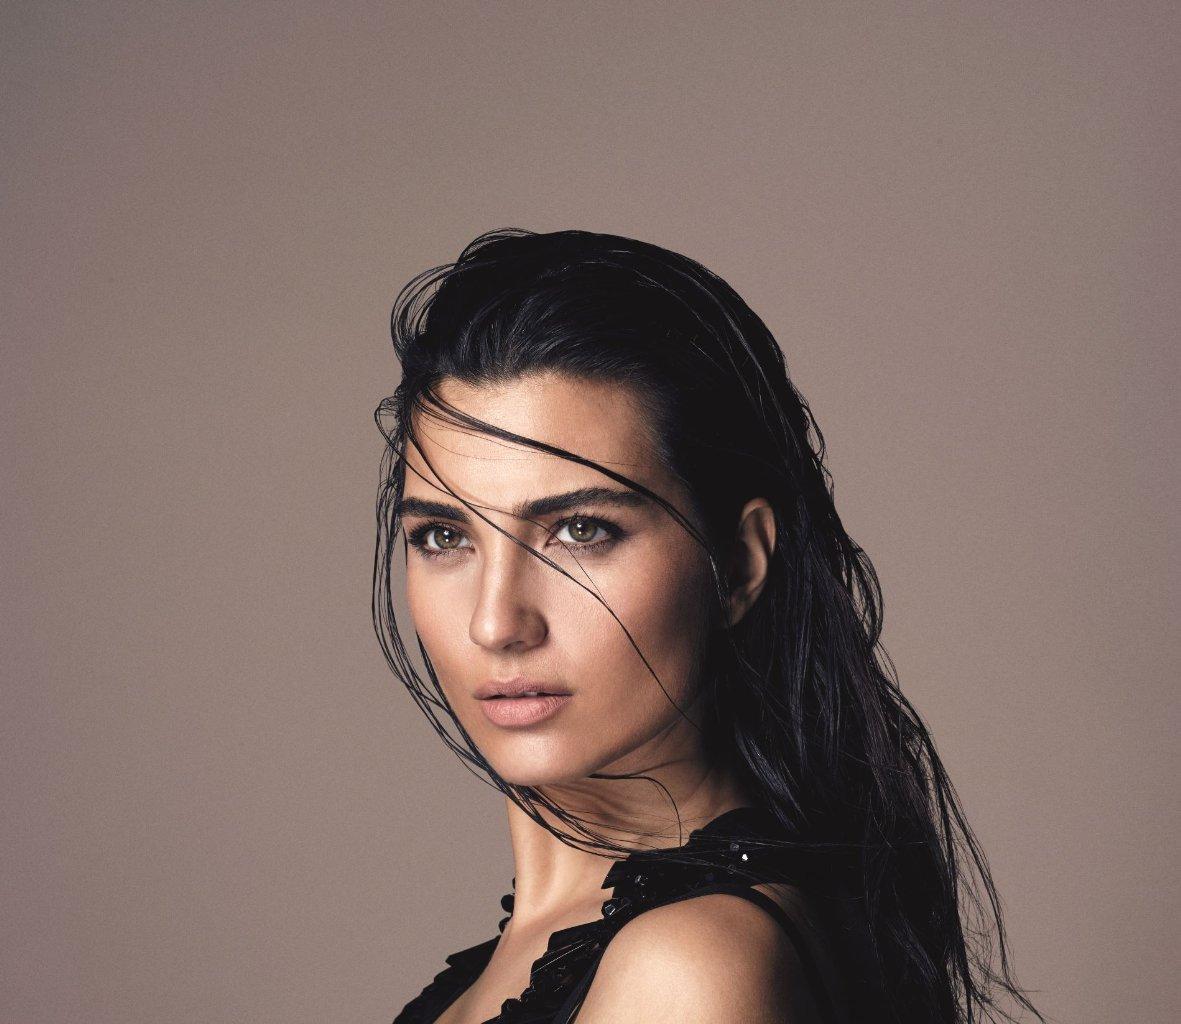 своем турецкая актриса туба буйукустун фото закрепиться этом рубеже